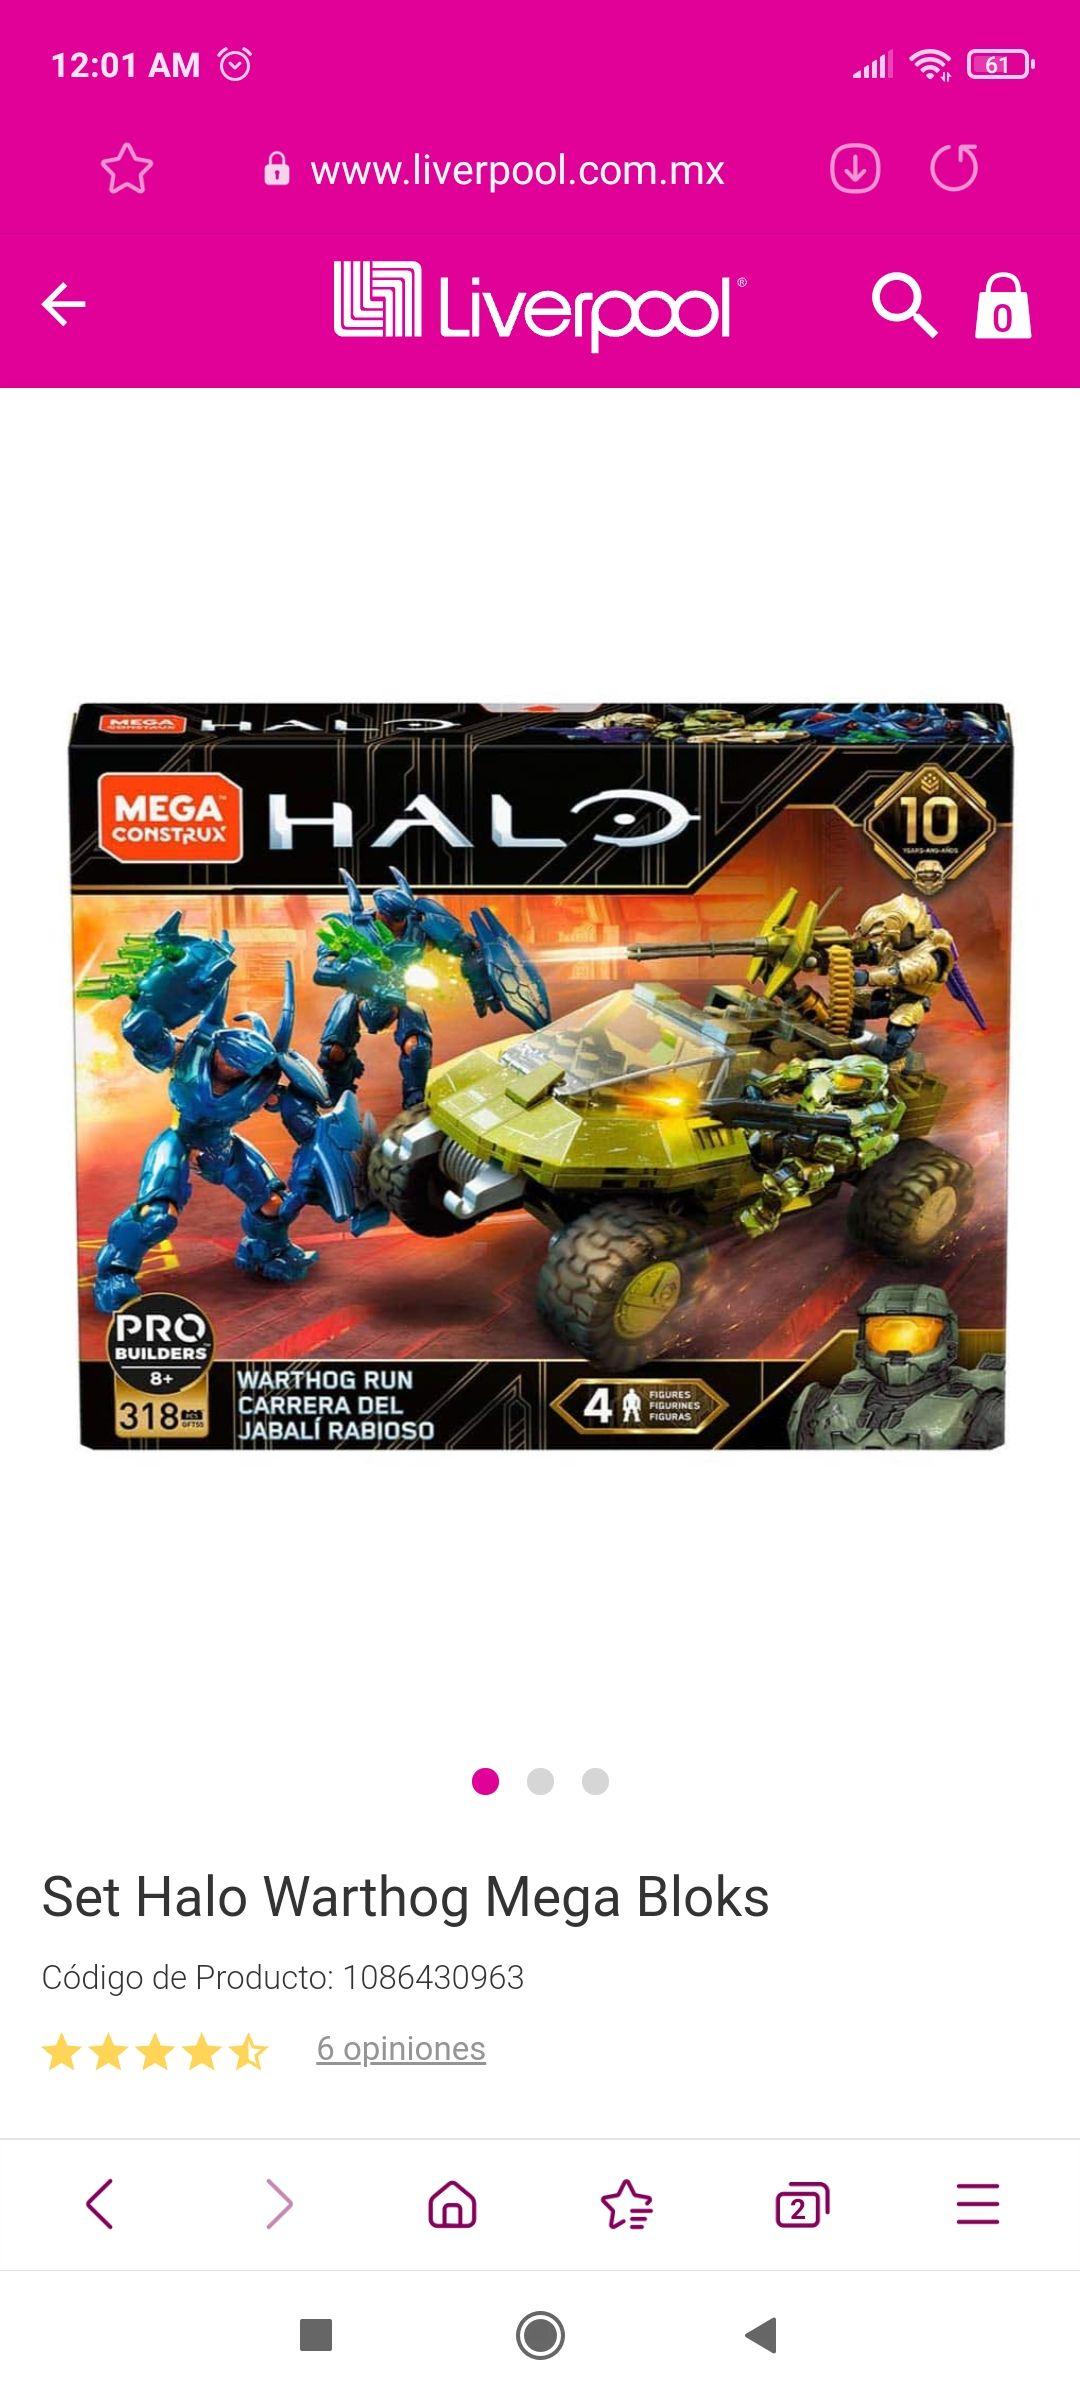 Liverpool: Halo warthog . 10 Aniversario. Mega Construx con descuento y envio gratis.